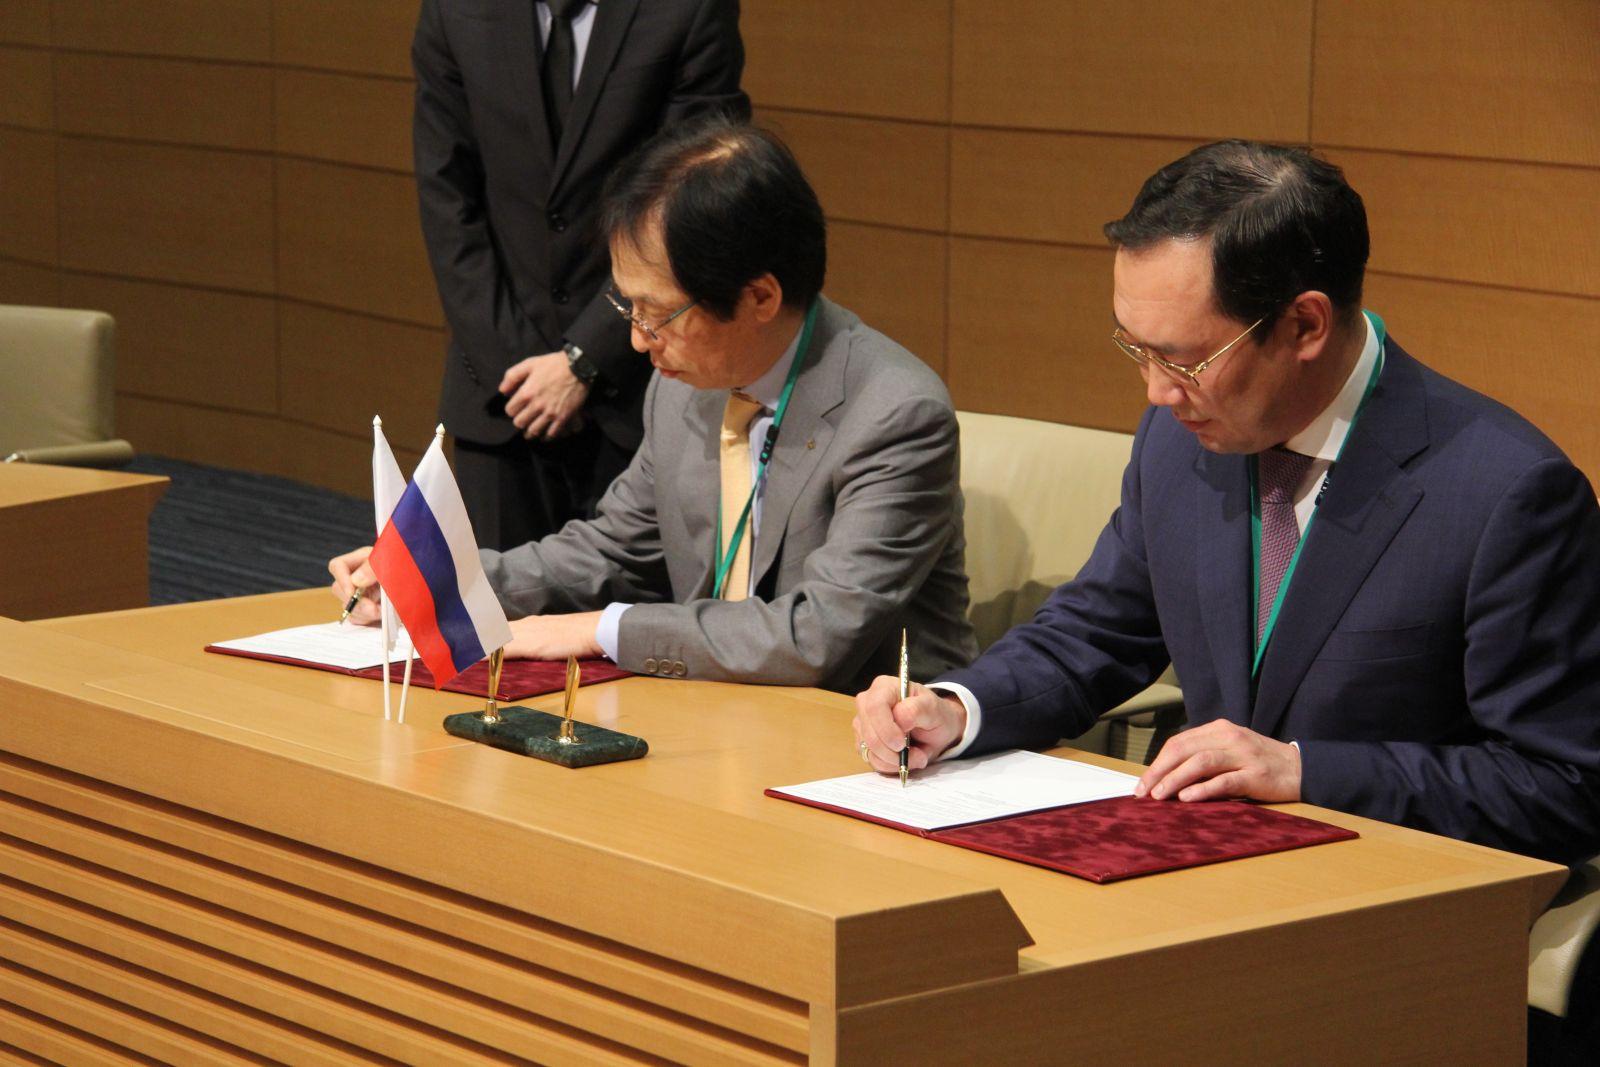 Подведены итоги рабочей поездки официальной делегации Якутии в Японию